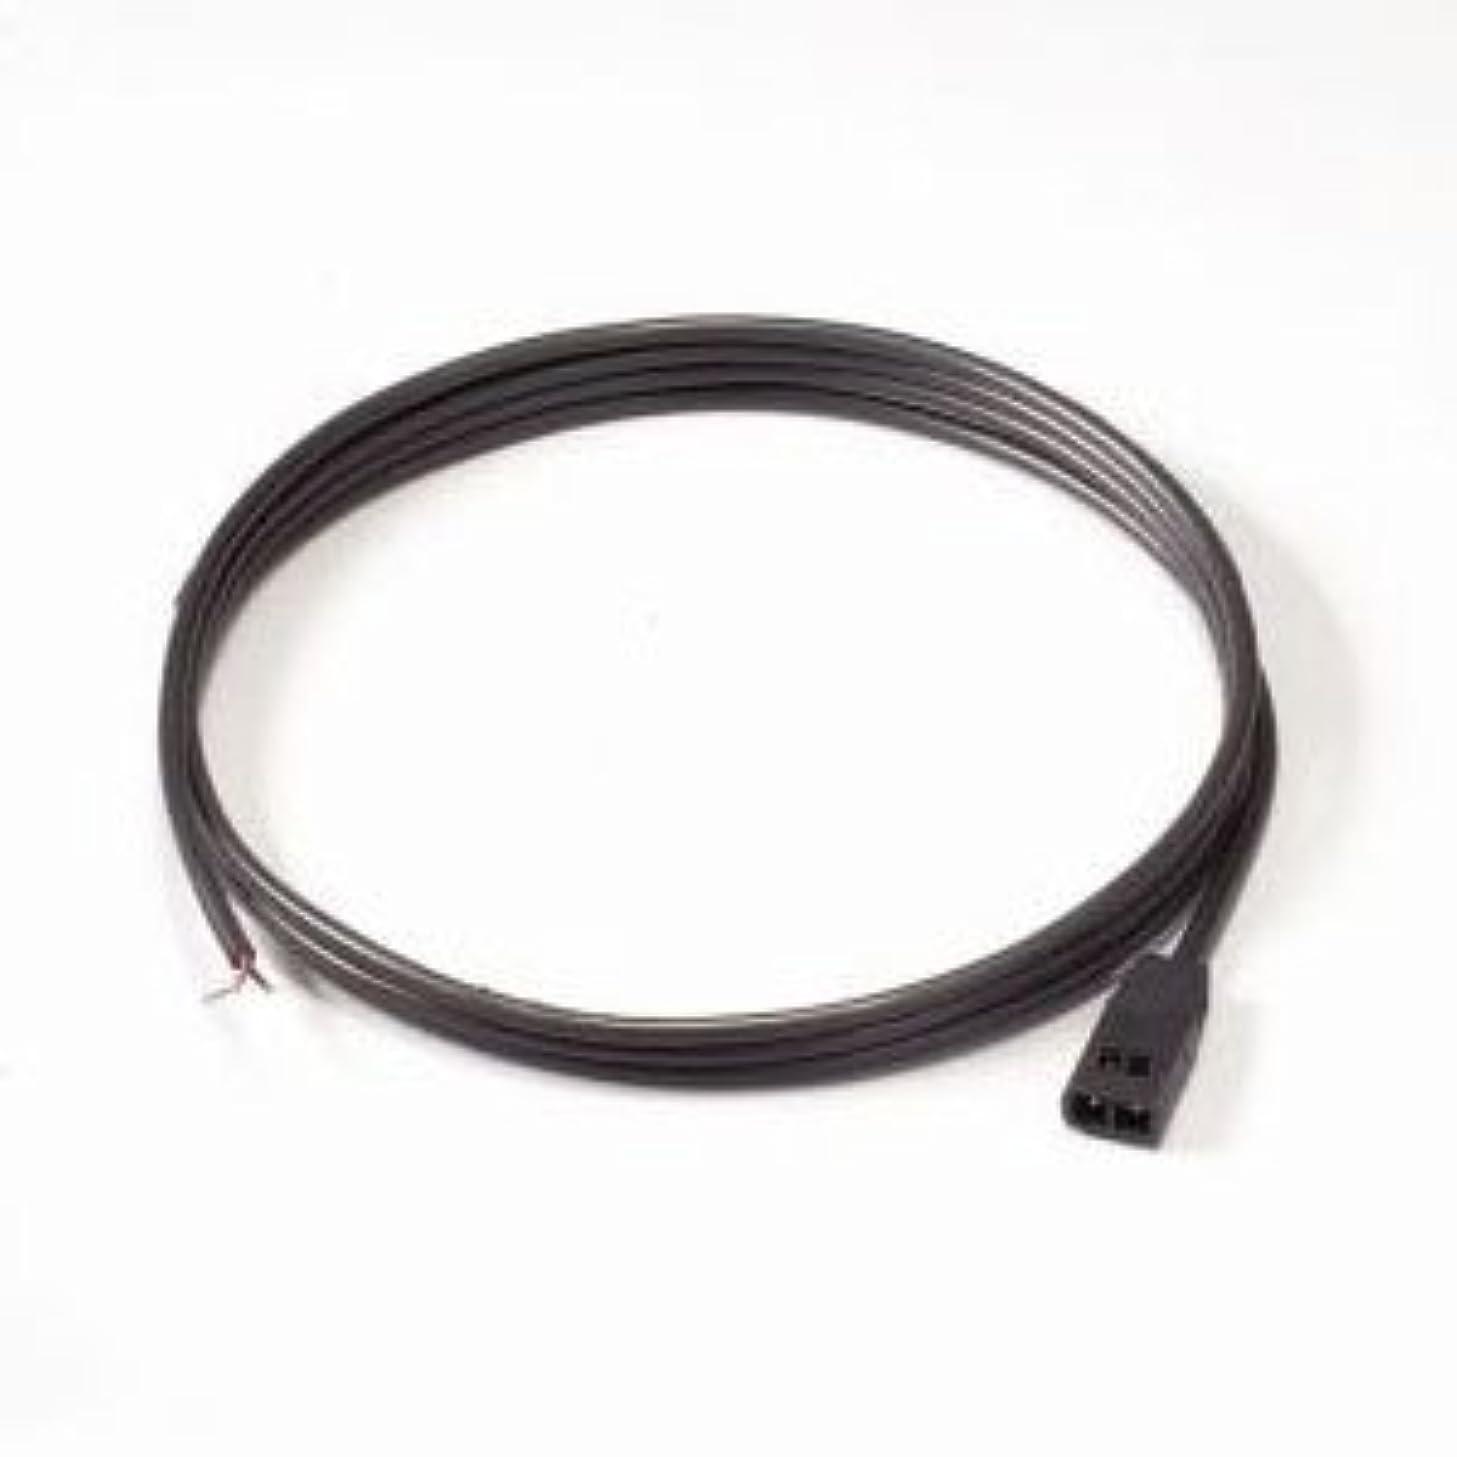 スタジオ勇敢なキネマティクスHumminbird Power Cable 6 Ft Pc 10 [並行輸入品]